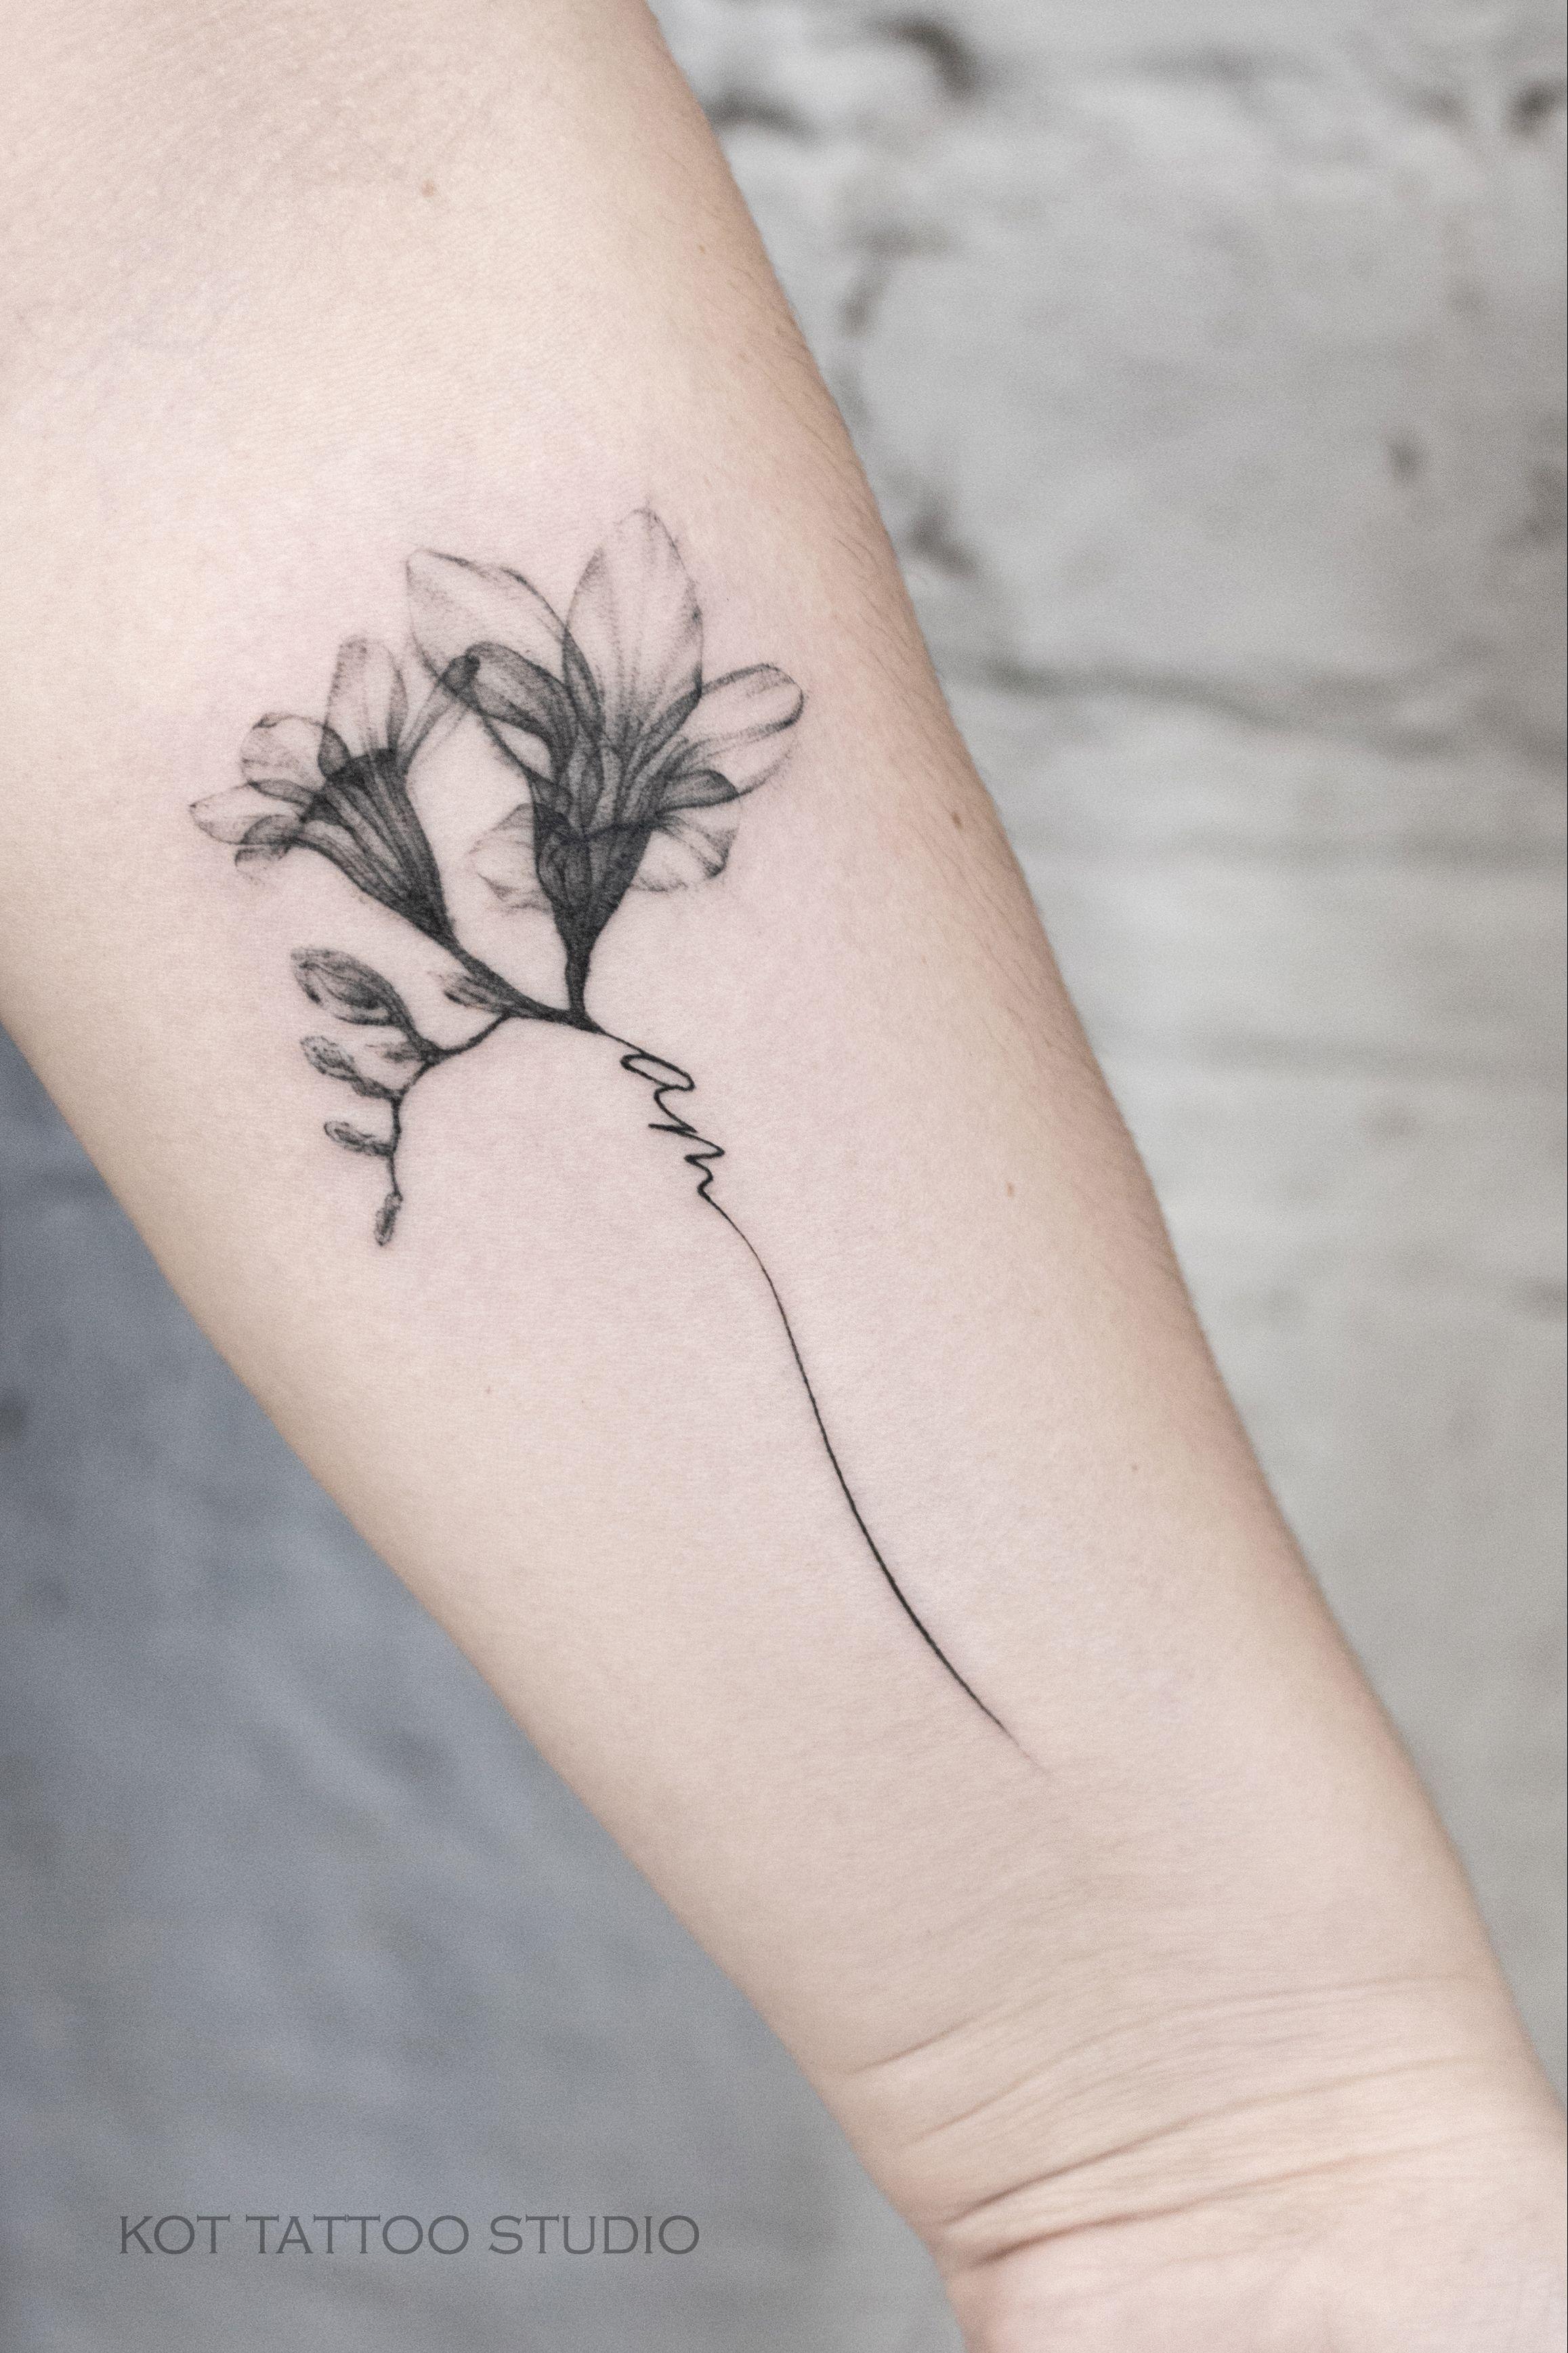 маленькая женская татуировка с цветами колокольчик в стиле графика и